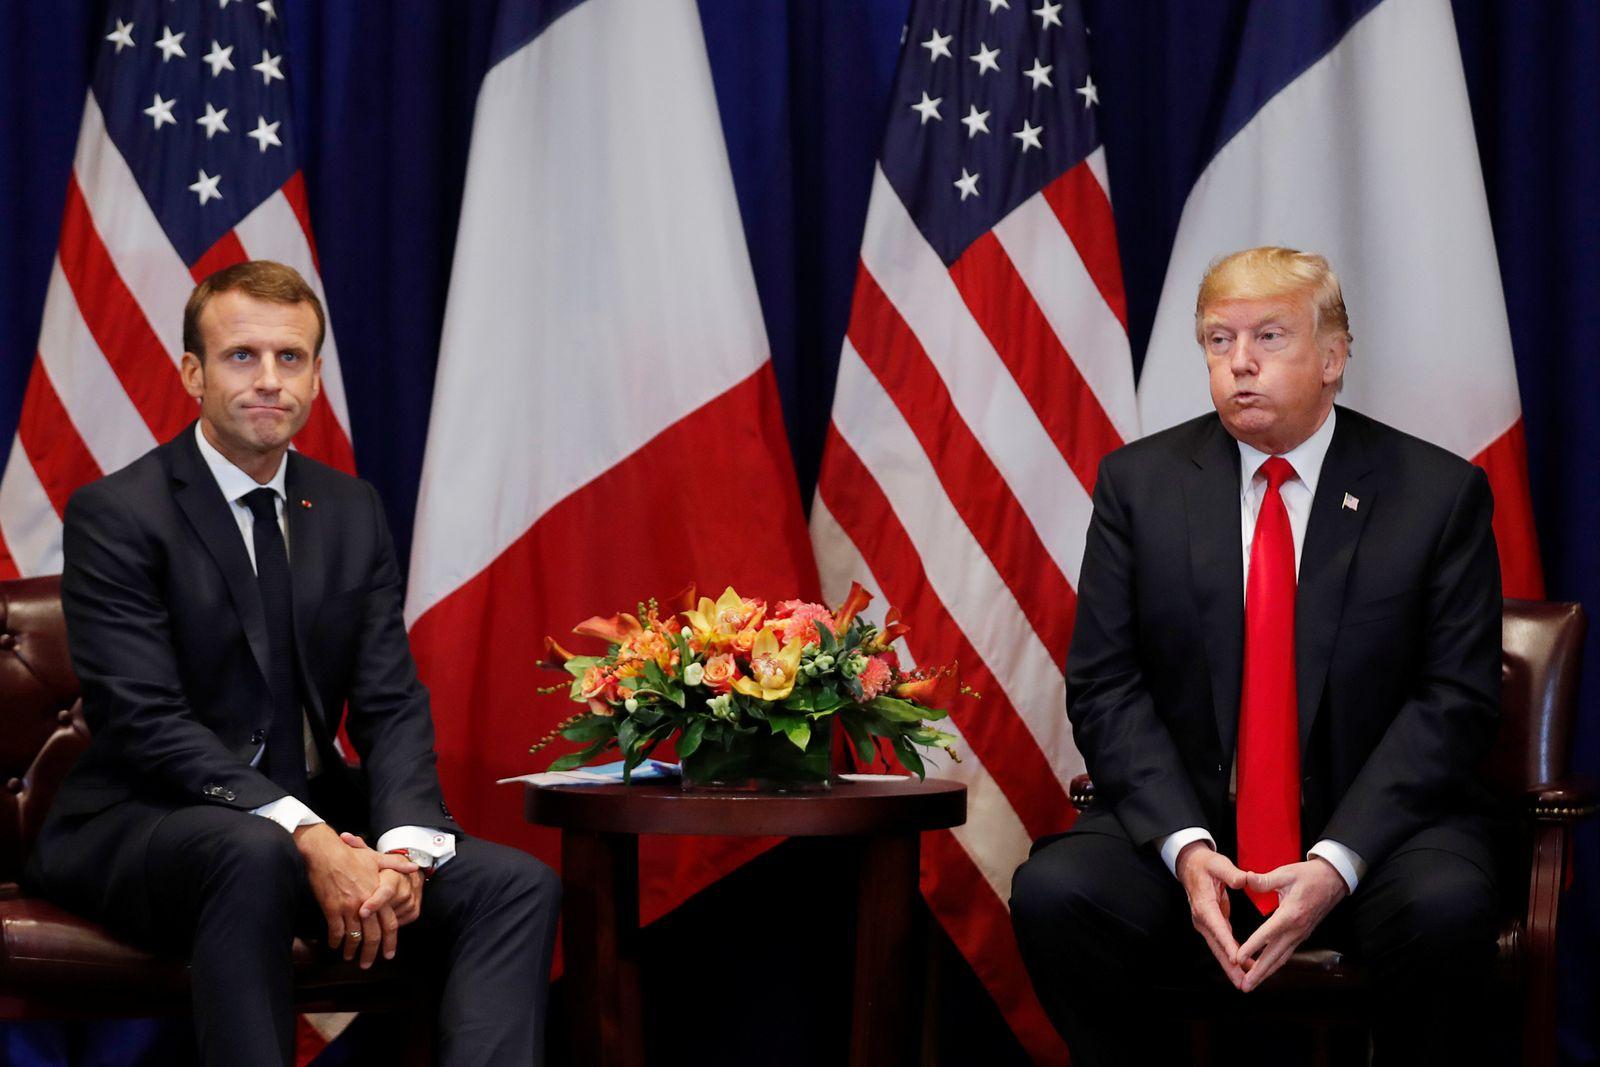 Donald Trump Emmanuel Macron